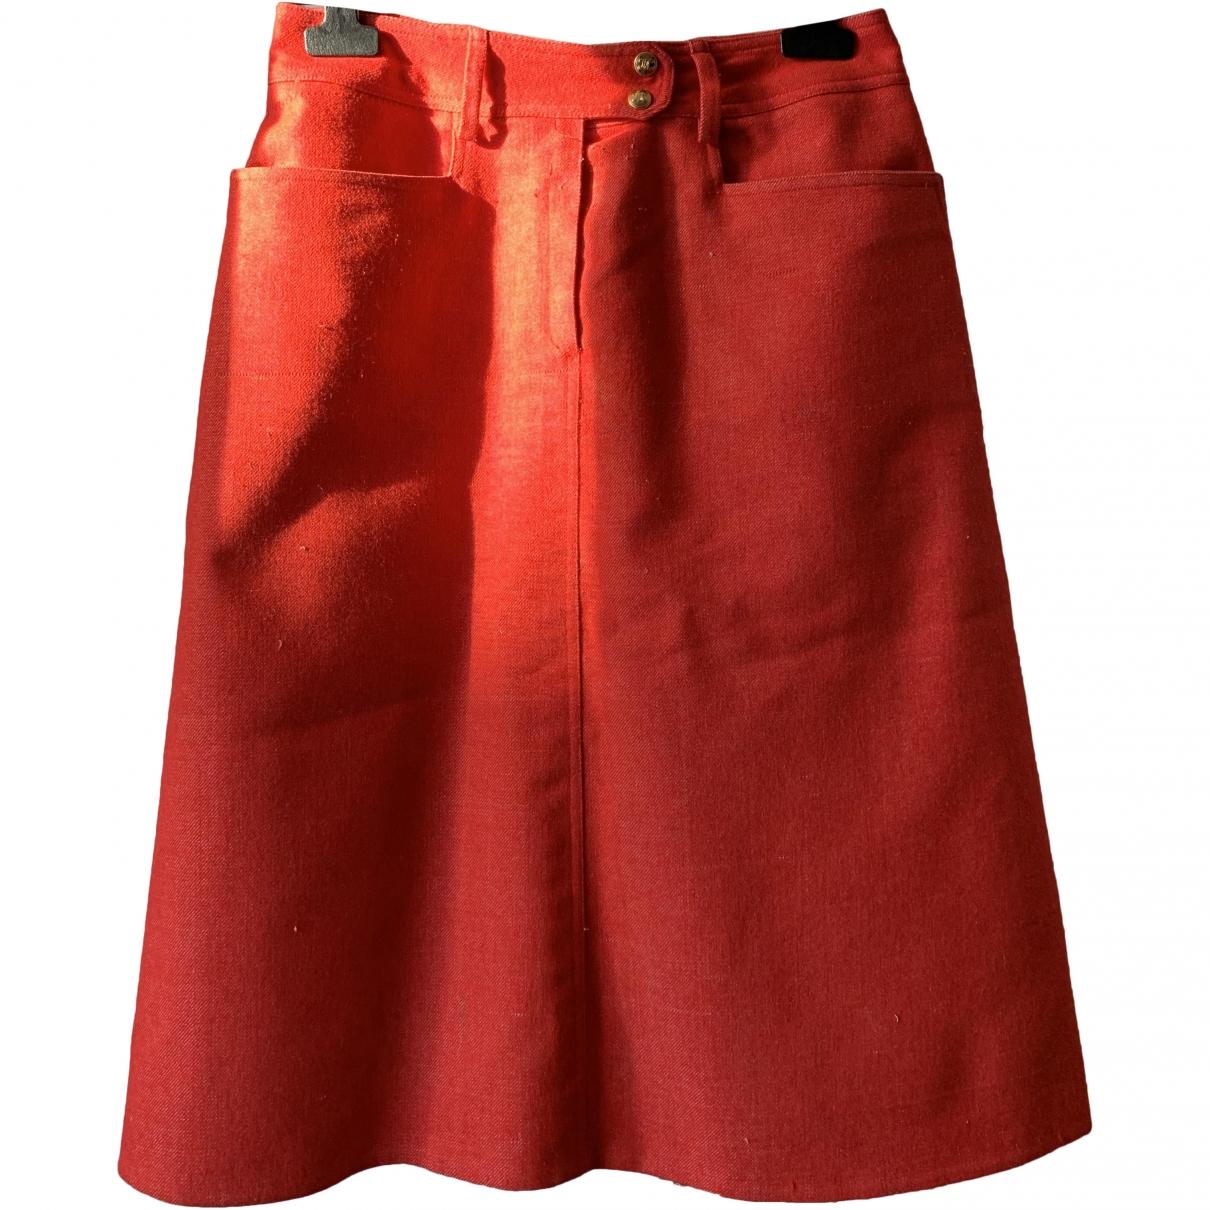 Celine \N Red Denim - Jeans skirt for Women 40 FR